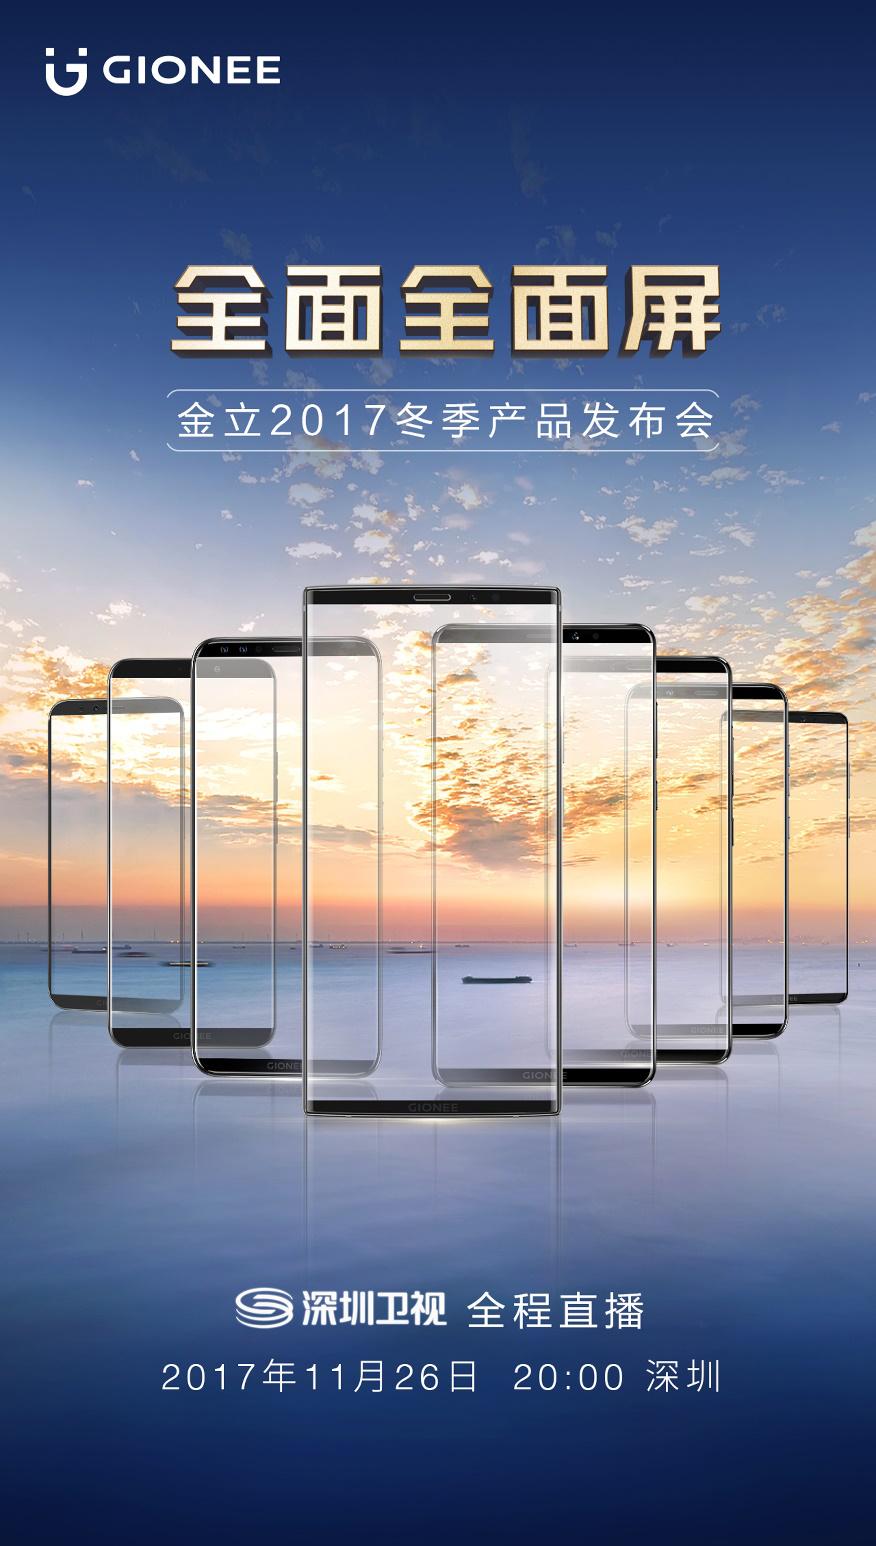 全面全面屏 金立将于11月26日连发8款全面屏手机